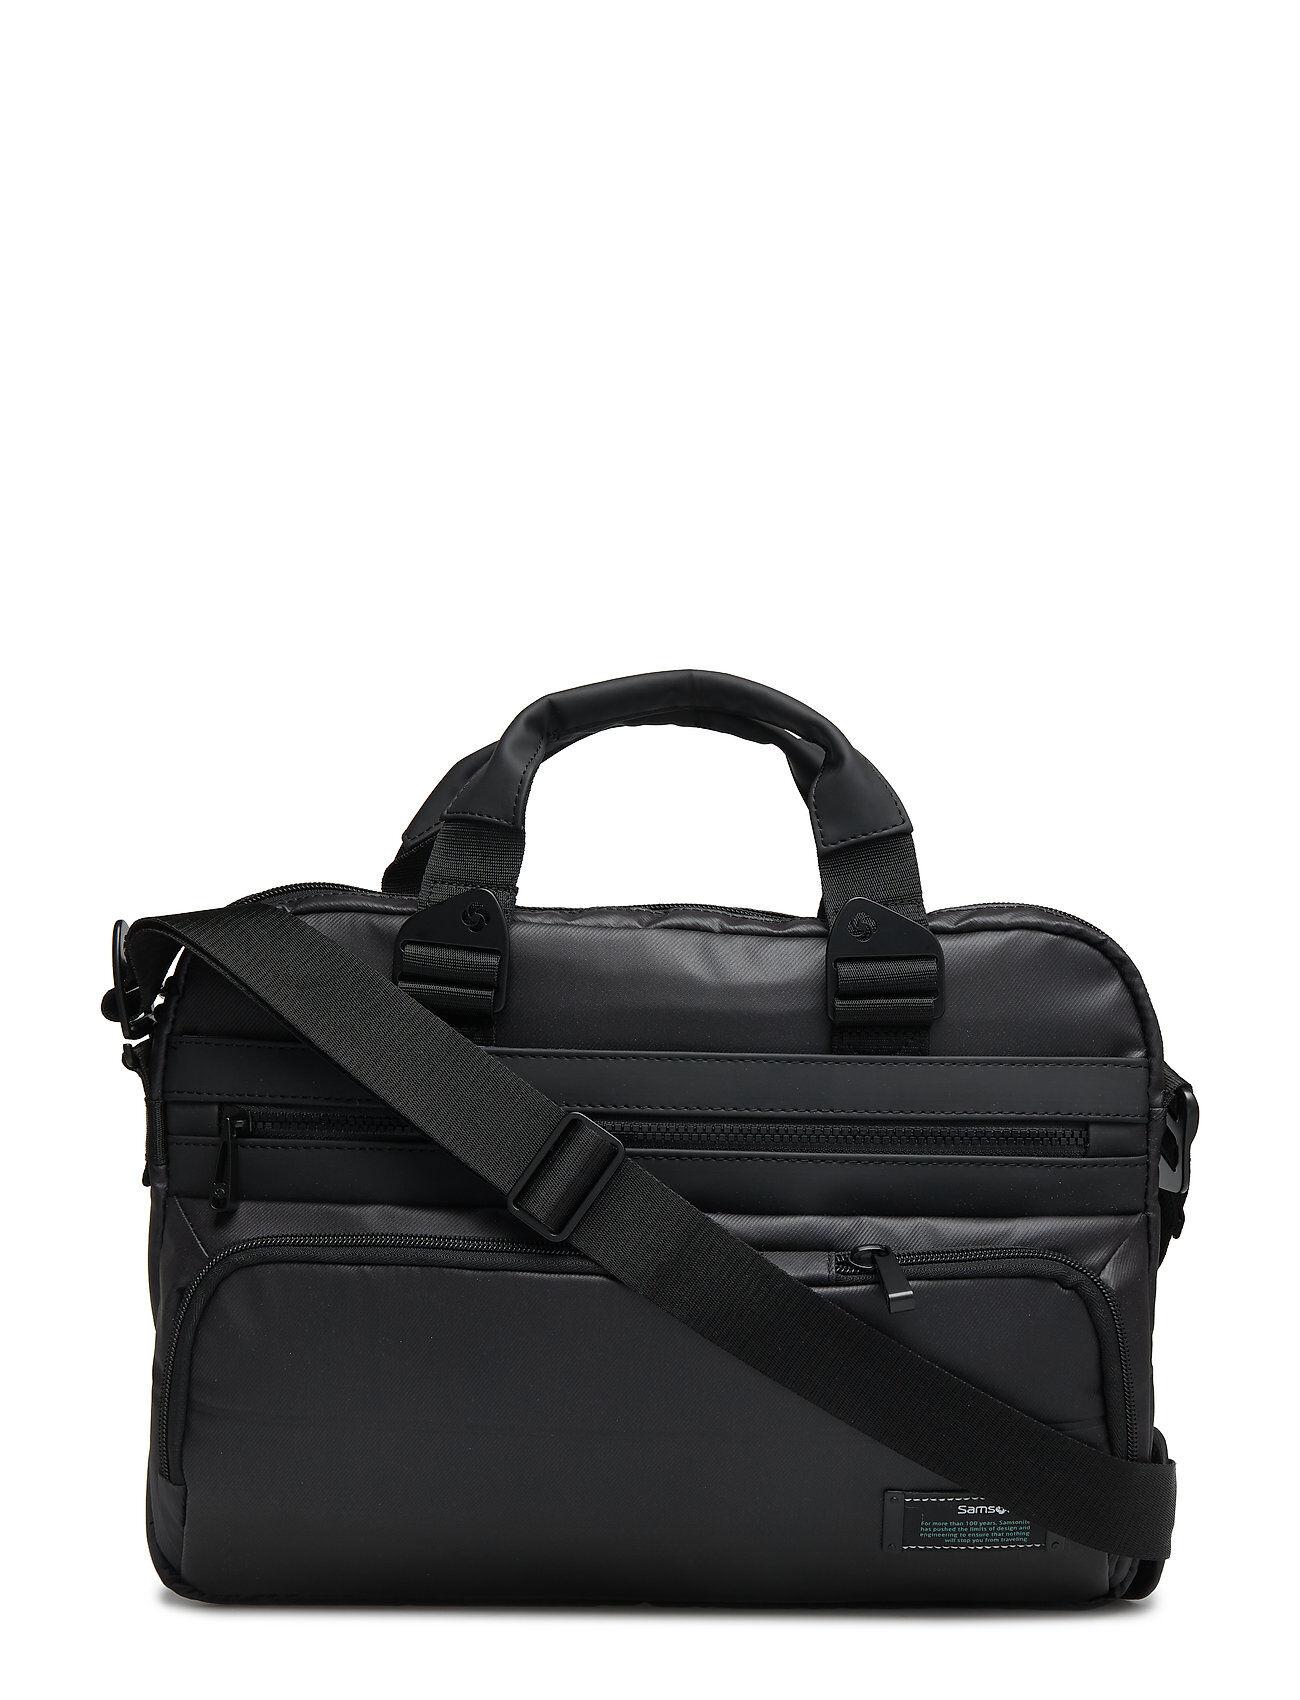 Samsonite City Vibe Shuttle Bag 15.6